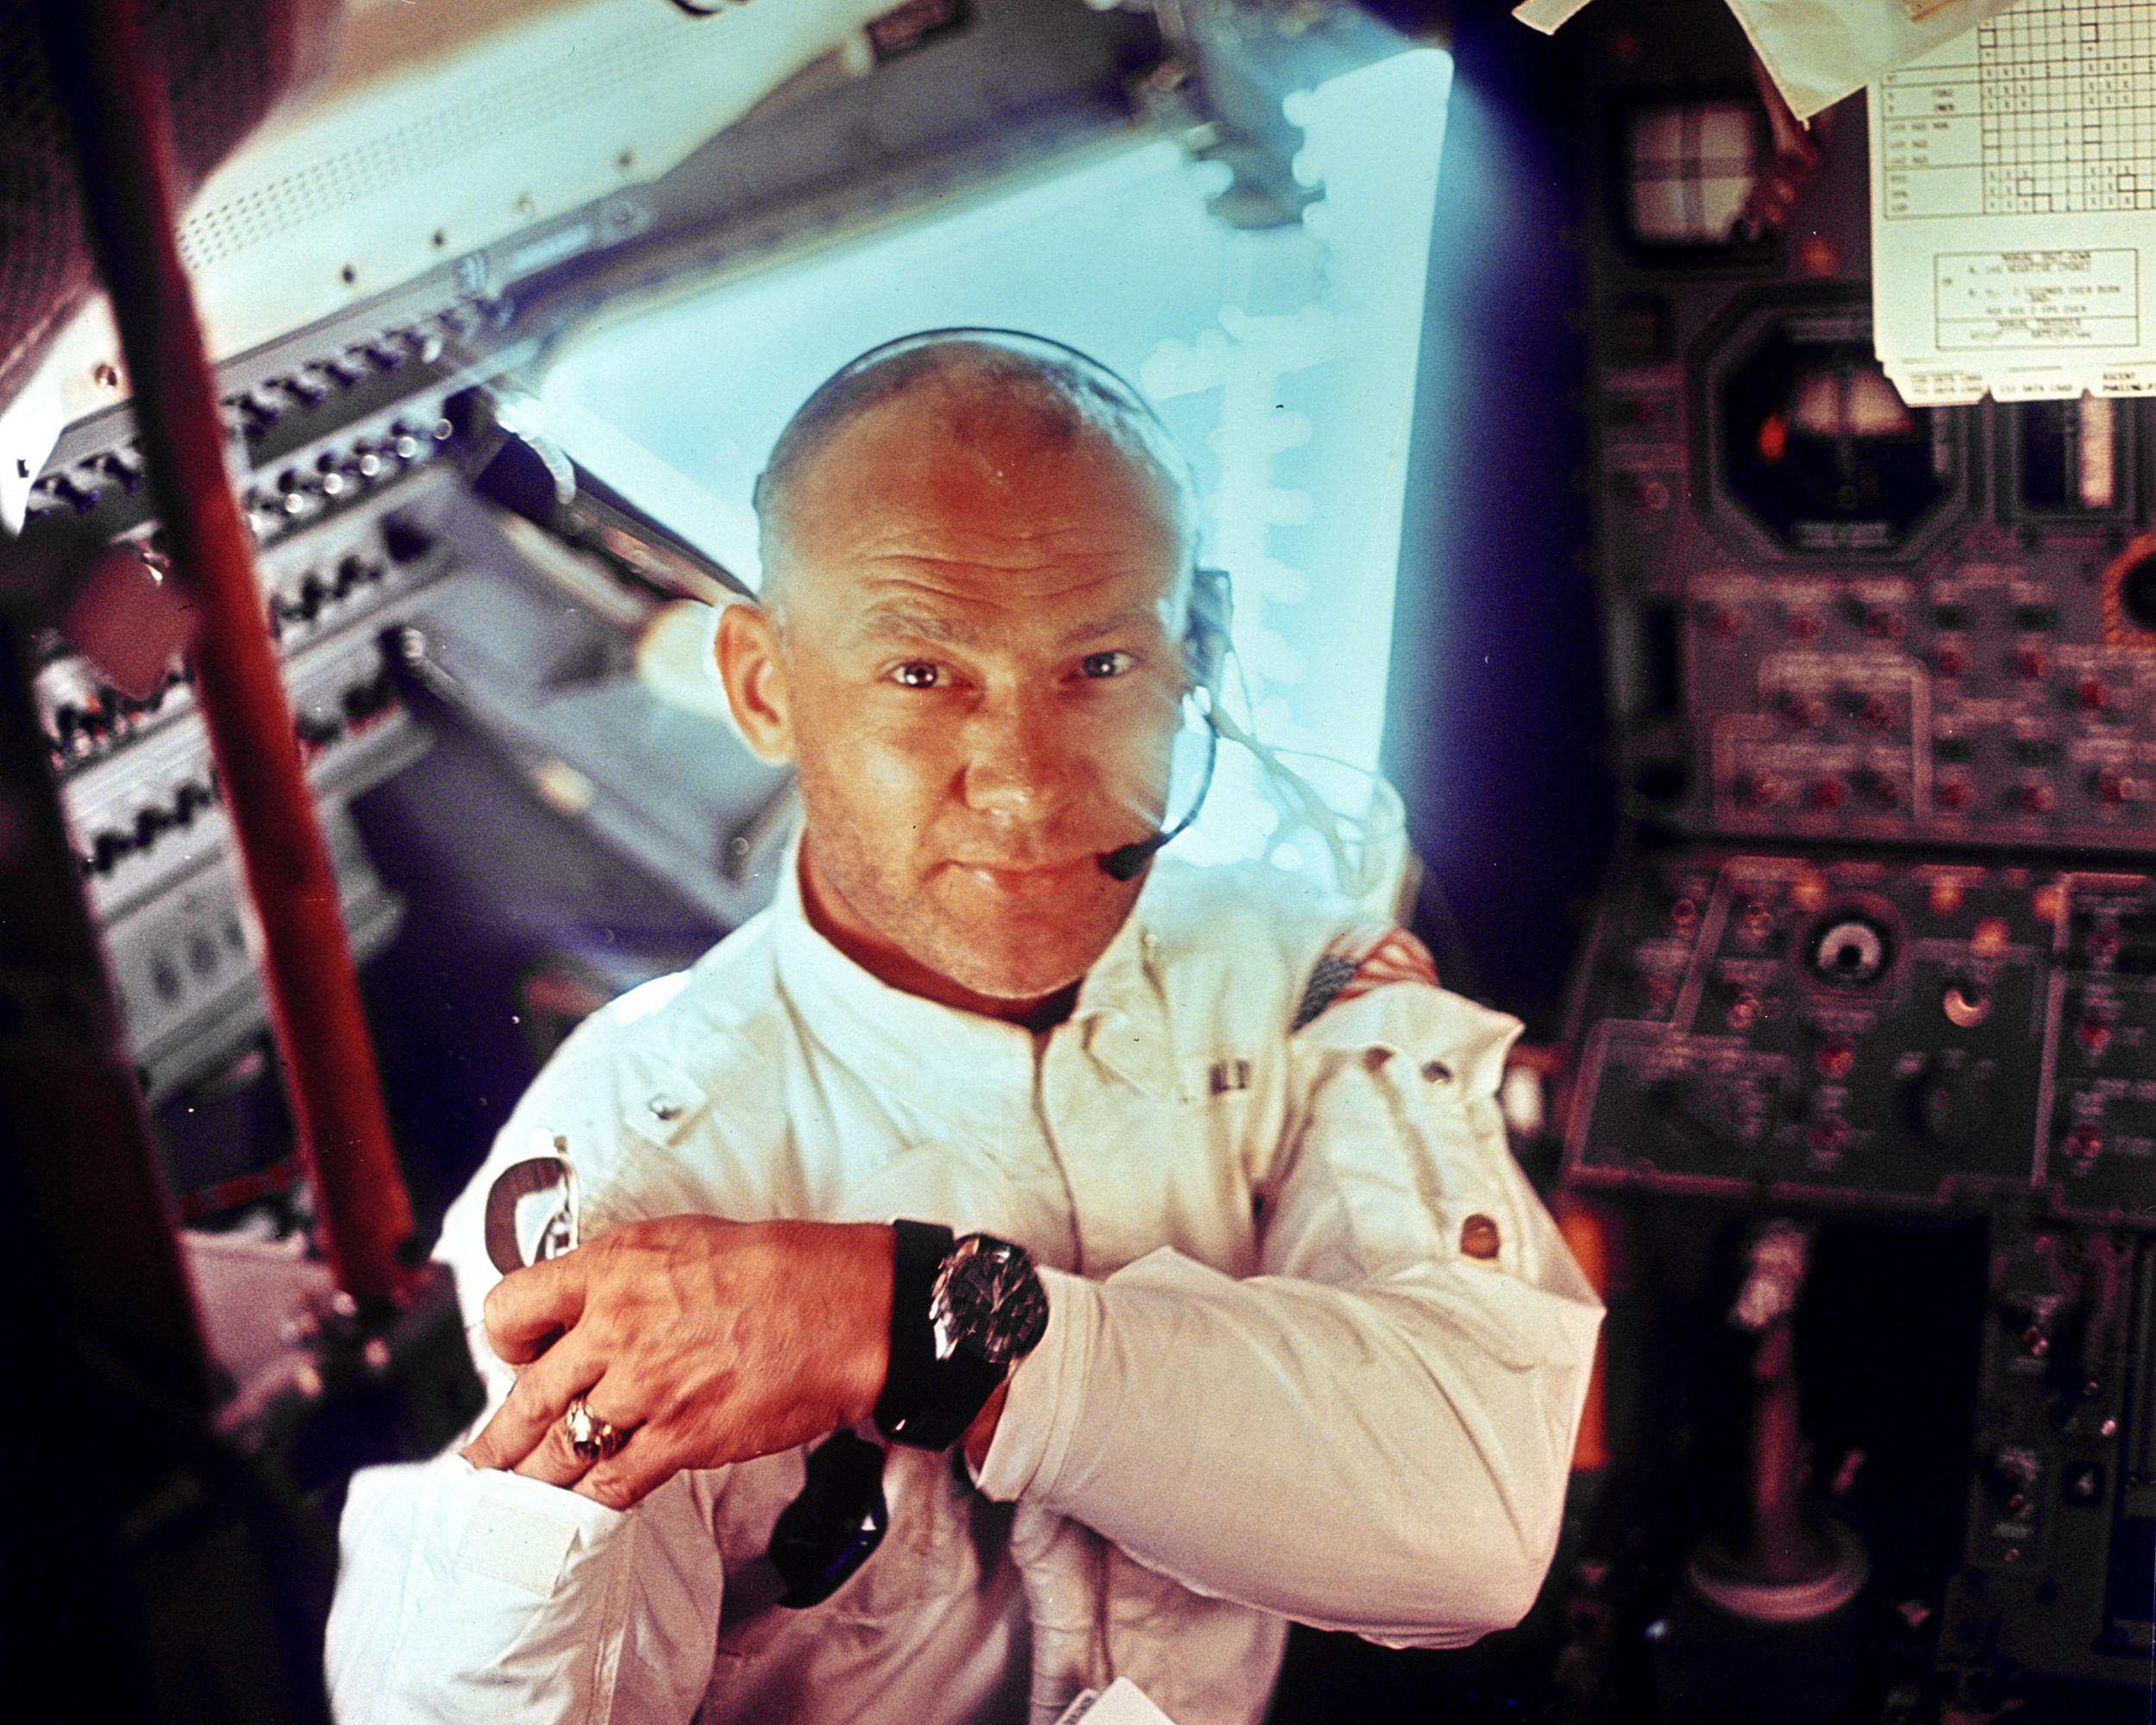 Image: Apollo 11 Lunar Module shows Astronaut Edwin E. Aldrin, Jr., lunar module pilot, during the lunar landing mission.